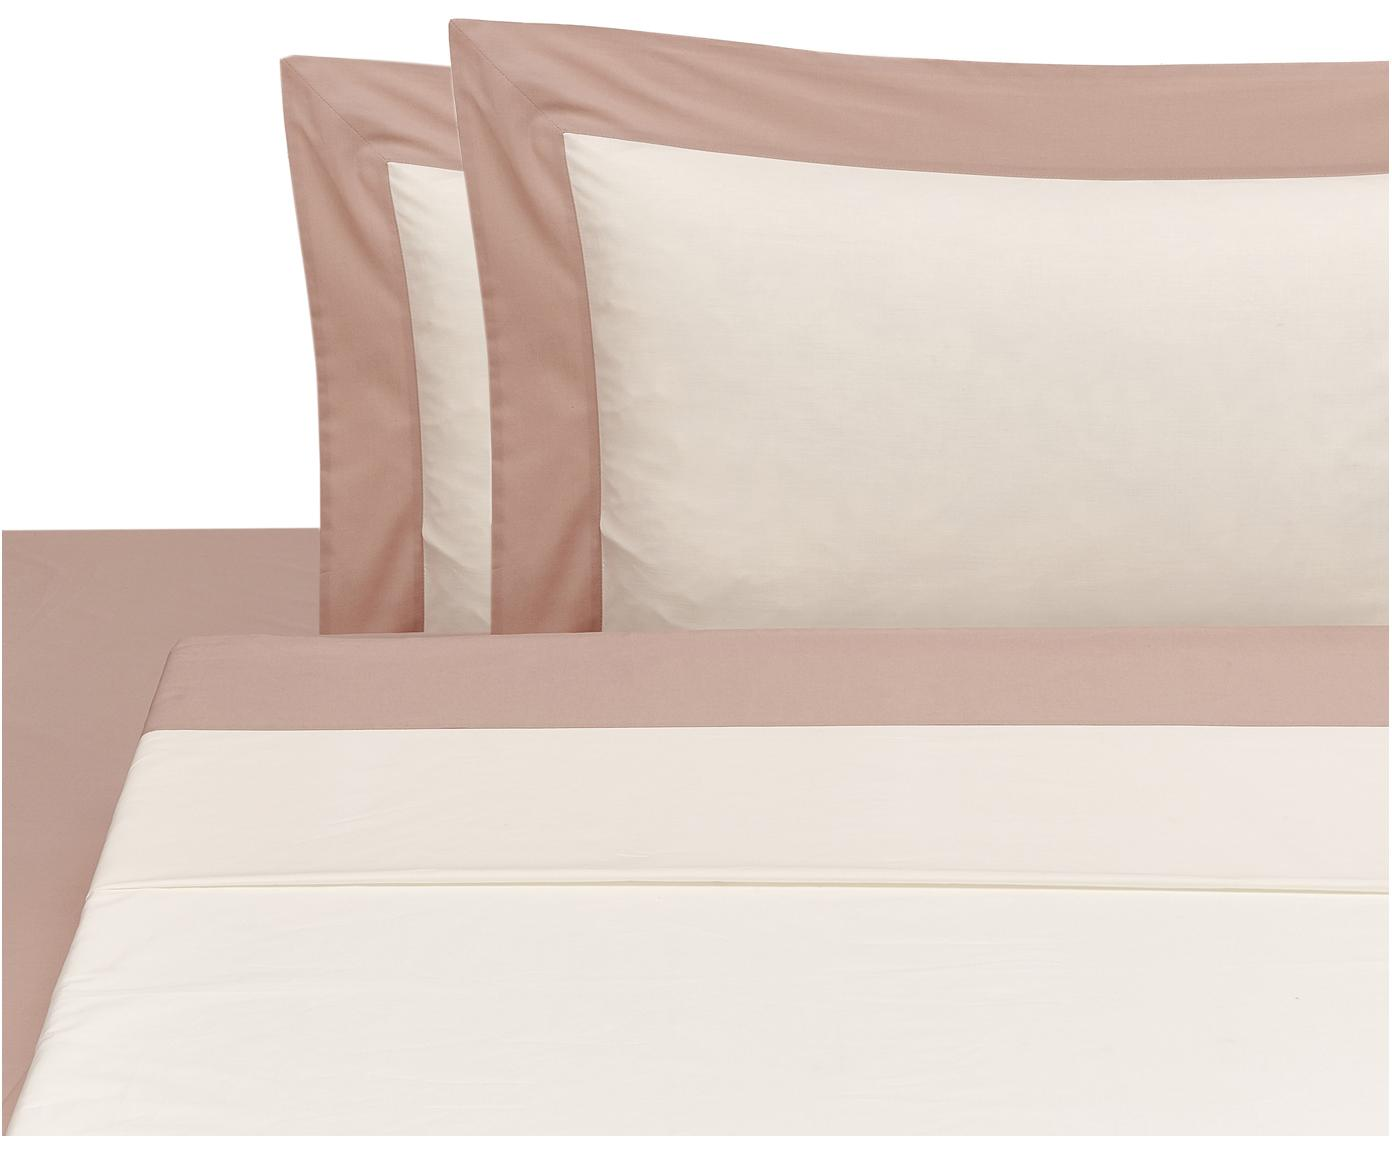 Set lenzuola in percalle Plein 4 pz, Rosa, bianco latteo, 260 x 295 cm